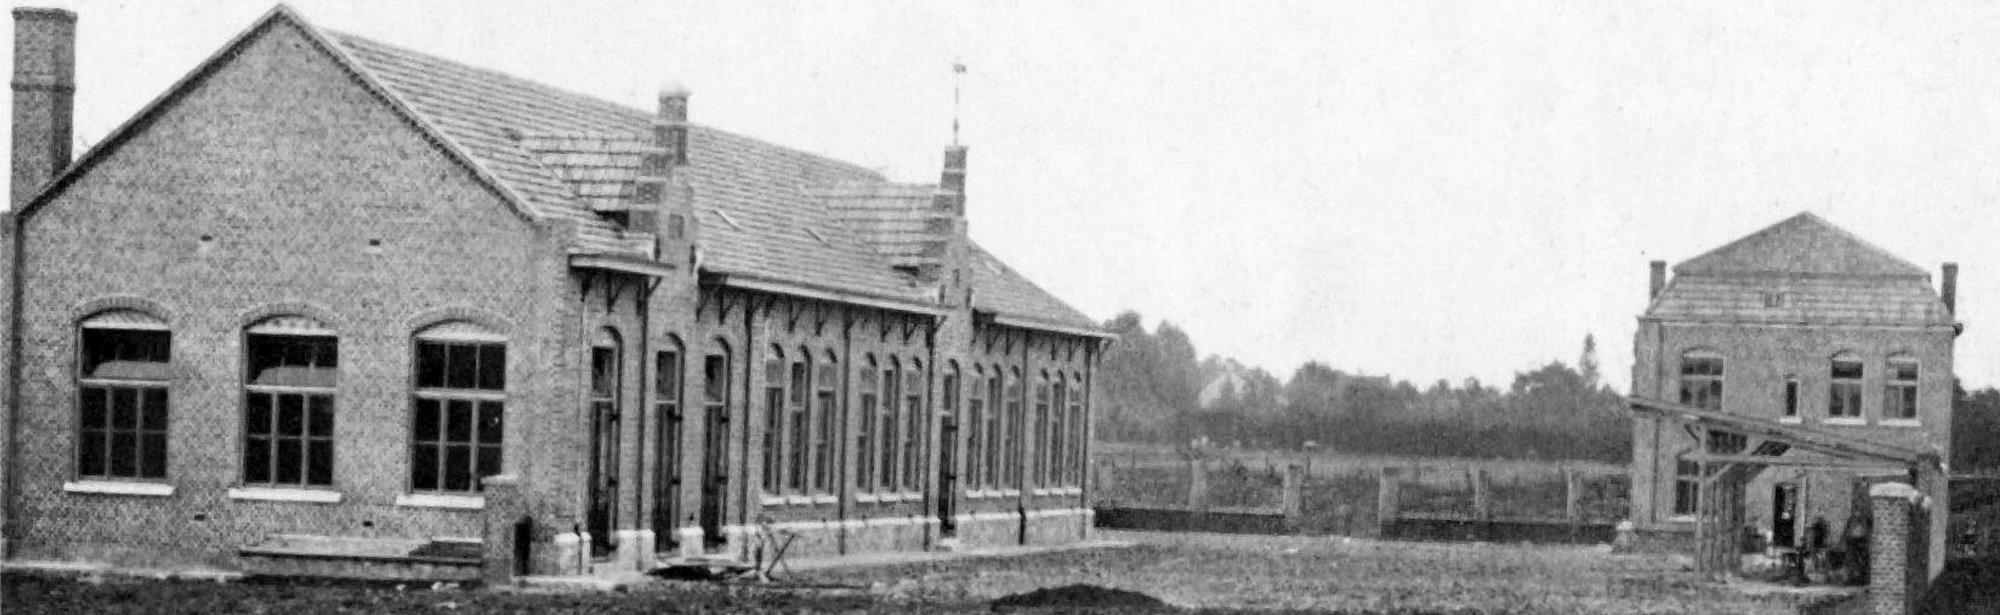 Augustinus school Geleen